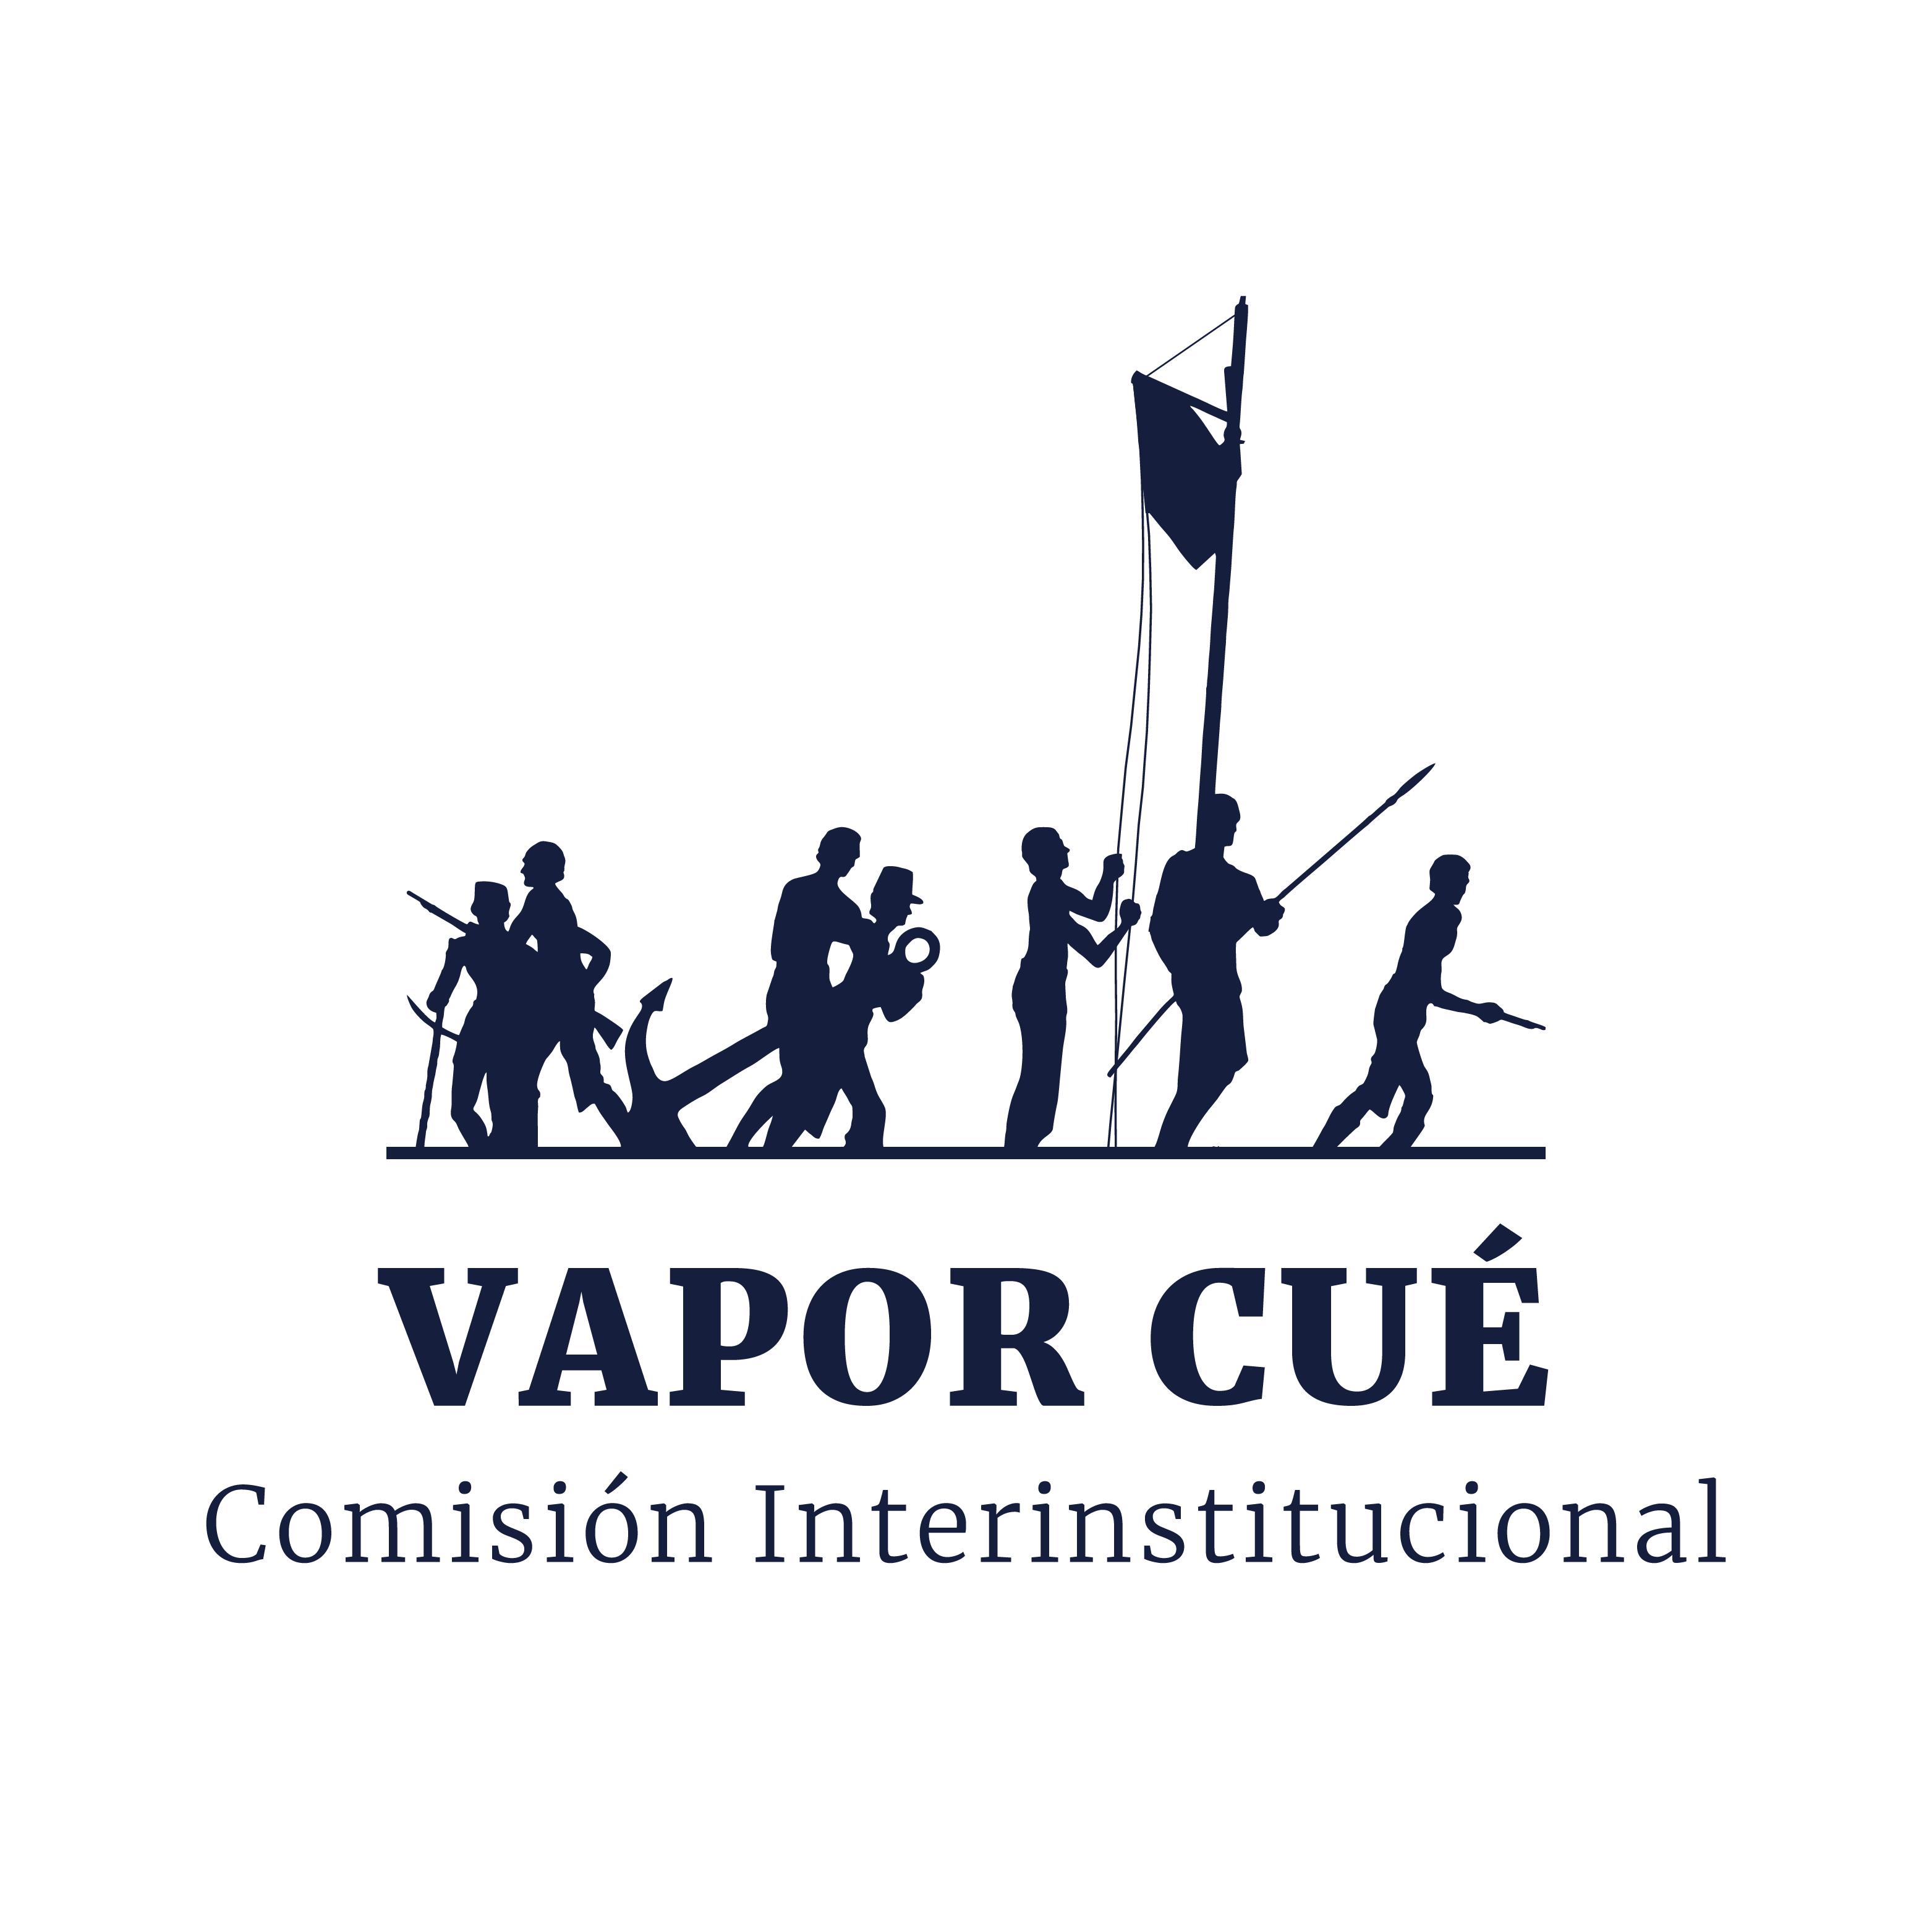 Vapor Cué: Comisión Interinstitucional presentó logros del 2020 imagen